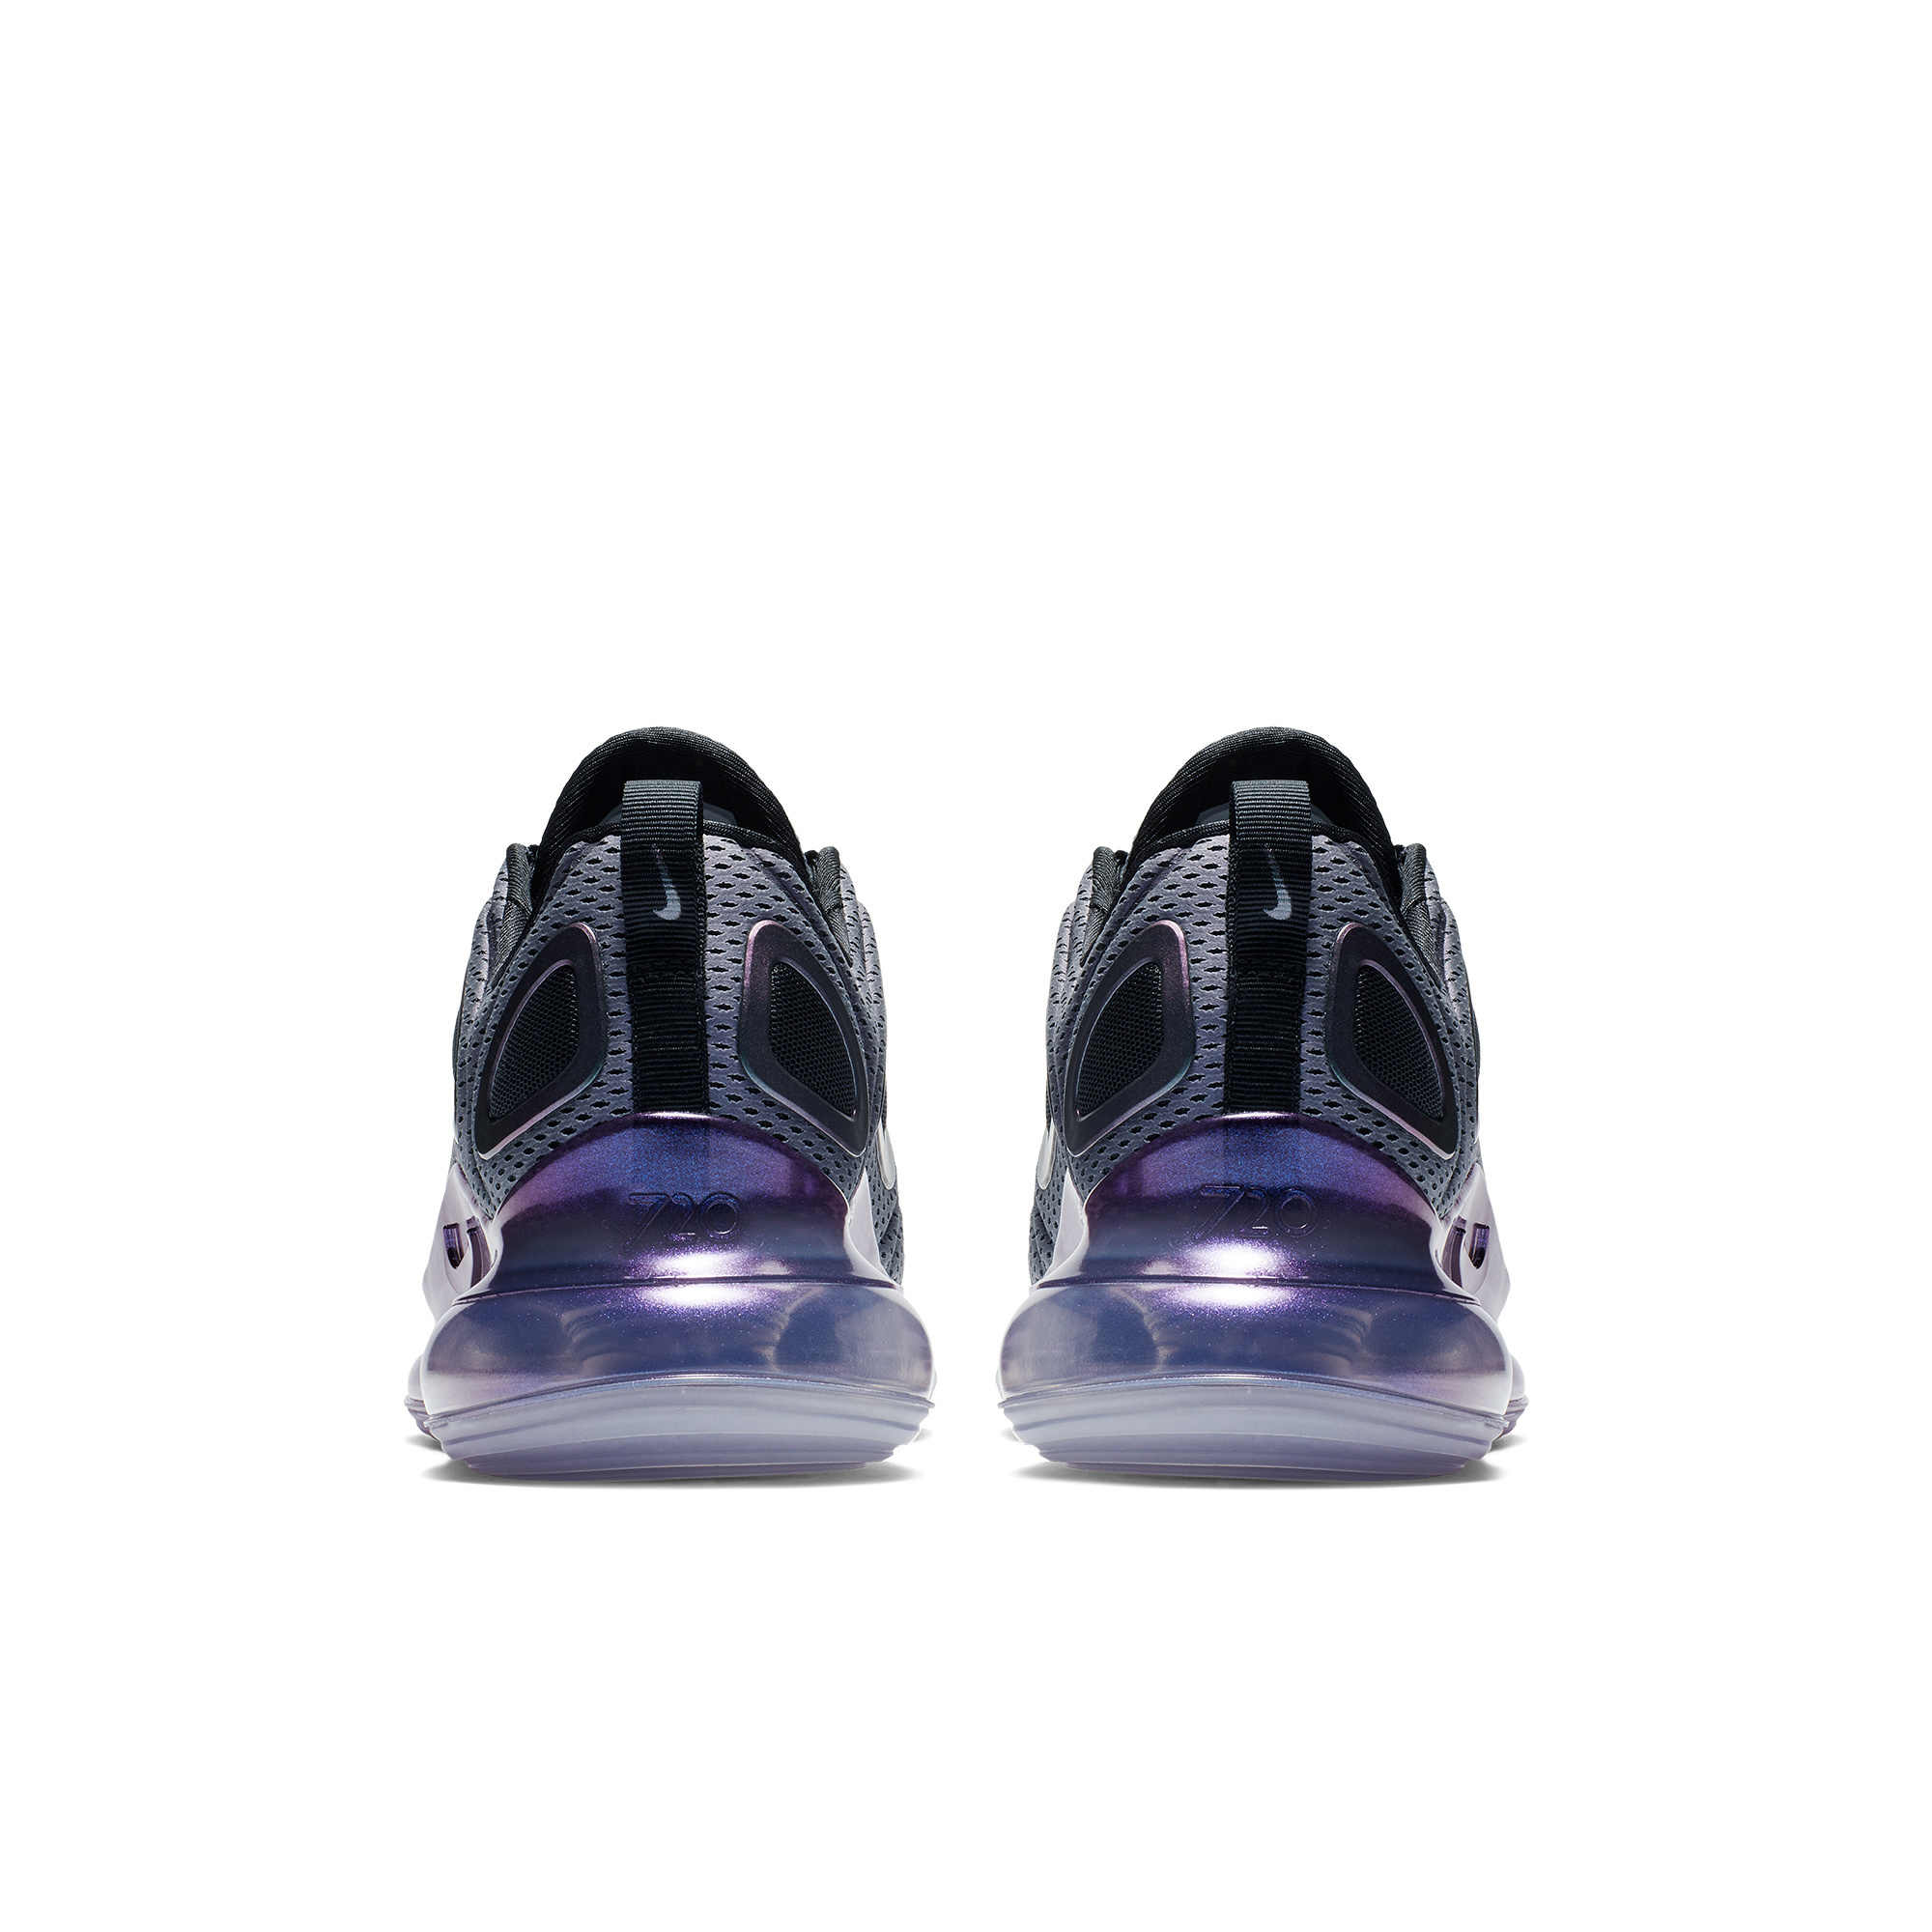 Nike Air Max 720 оригинальные мужские кроссовки новый узор удобные воздушные подушки для спорта на открытом воздухе кроссовки # AO2924-001